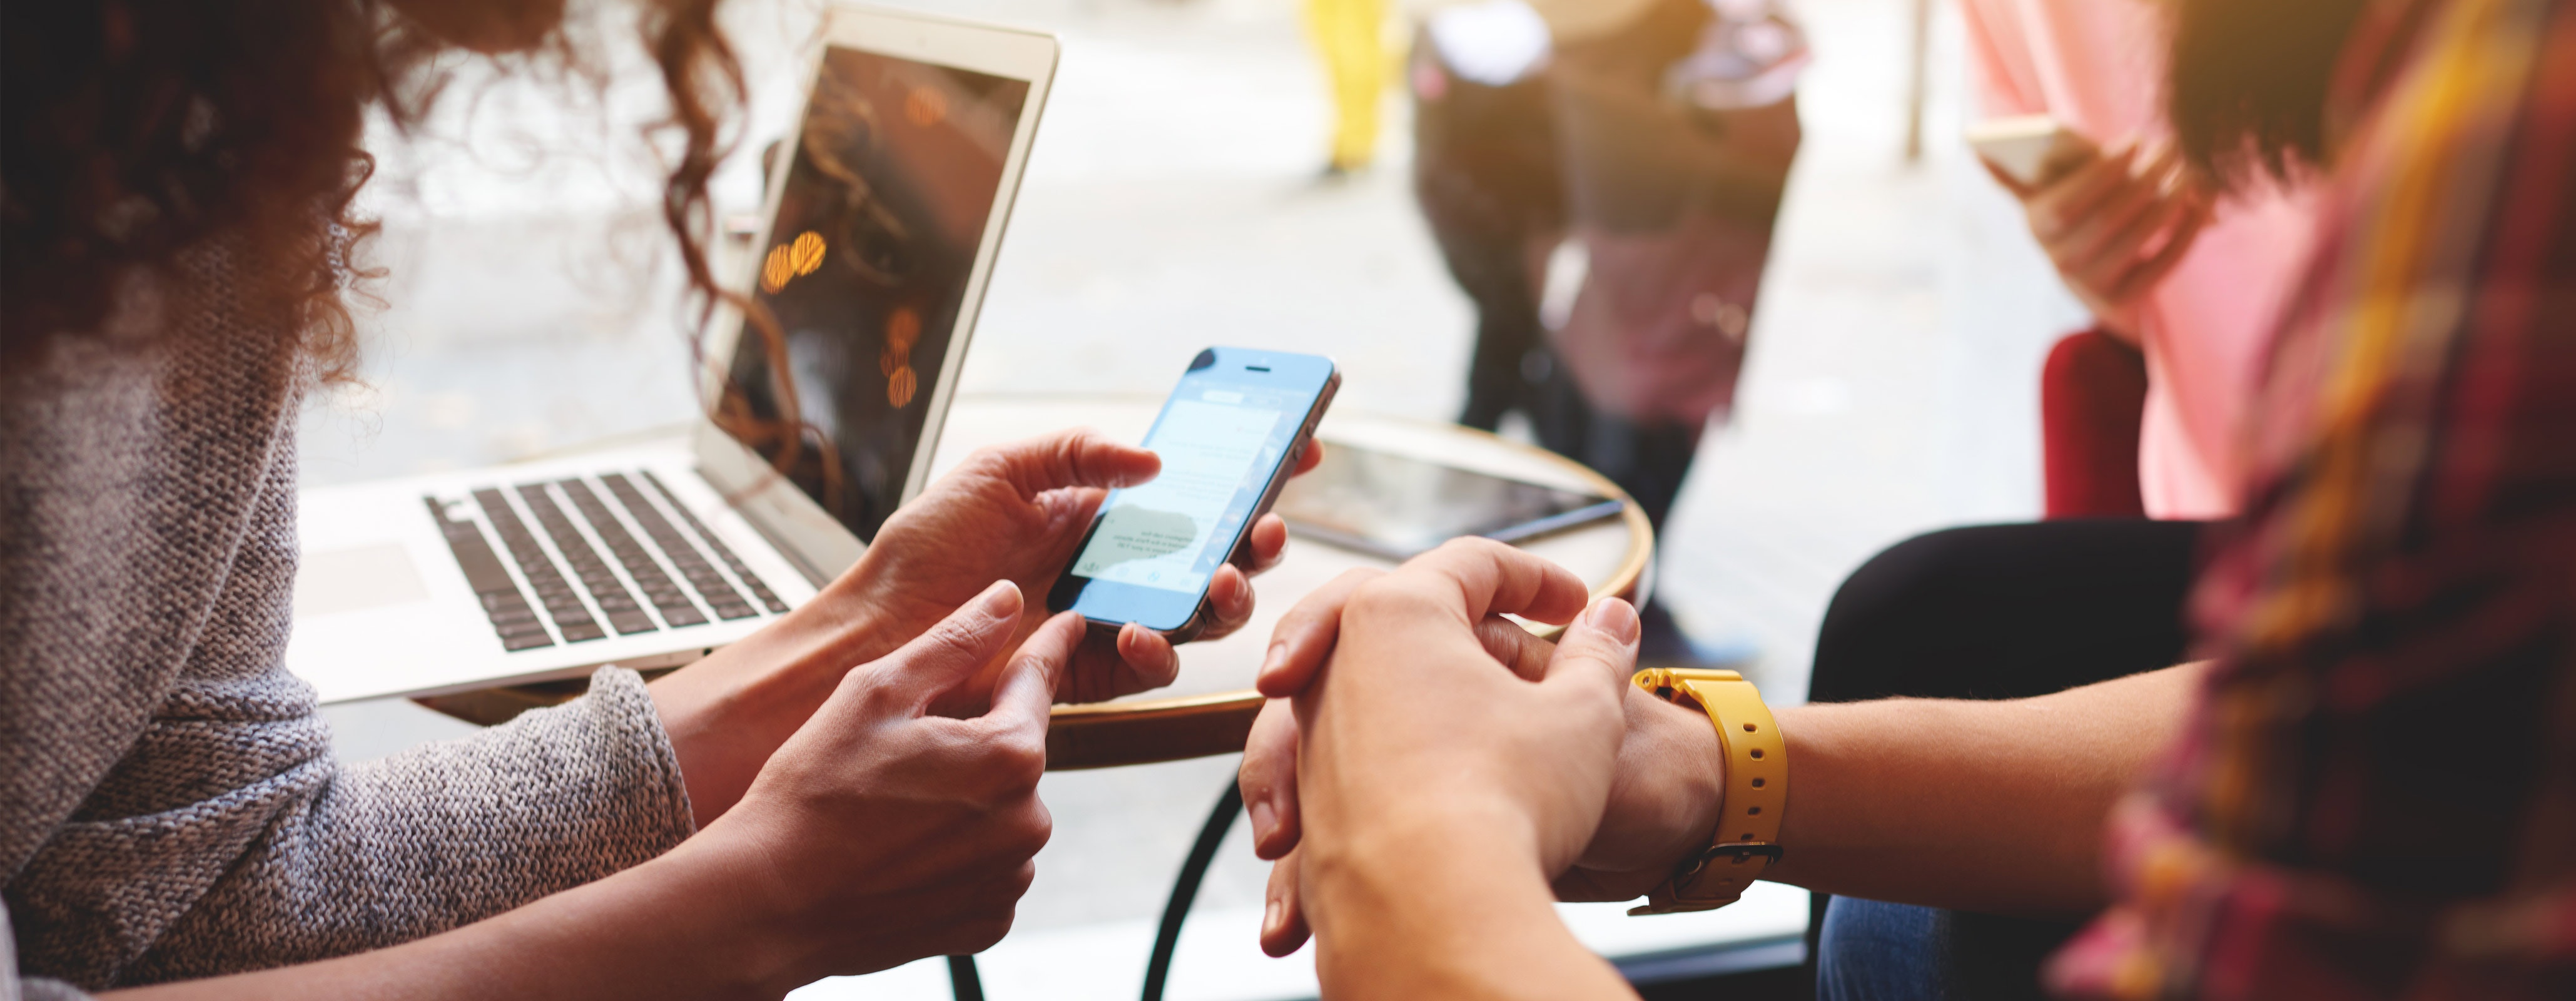 Groep mensen met mobiele telefoon